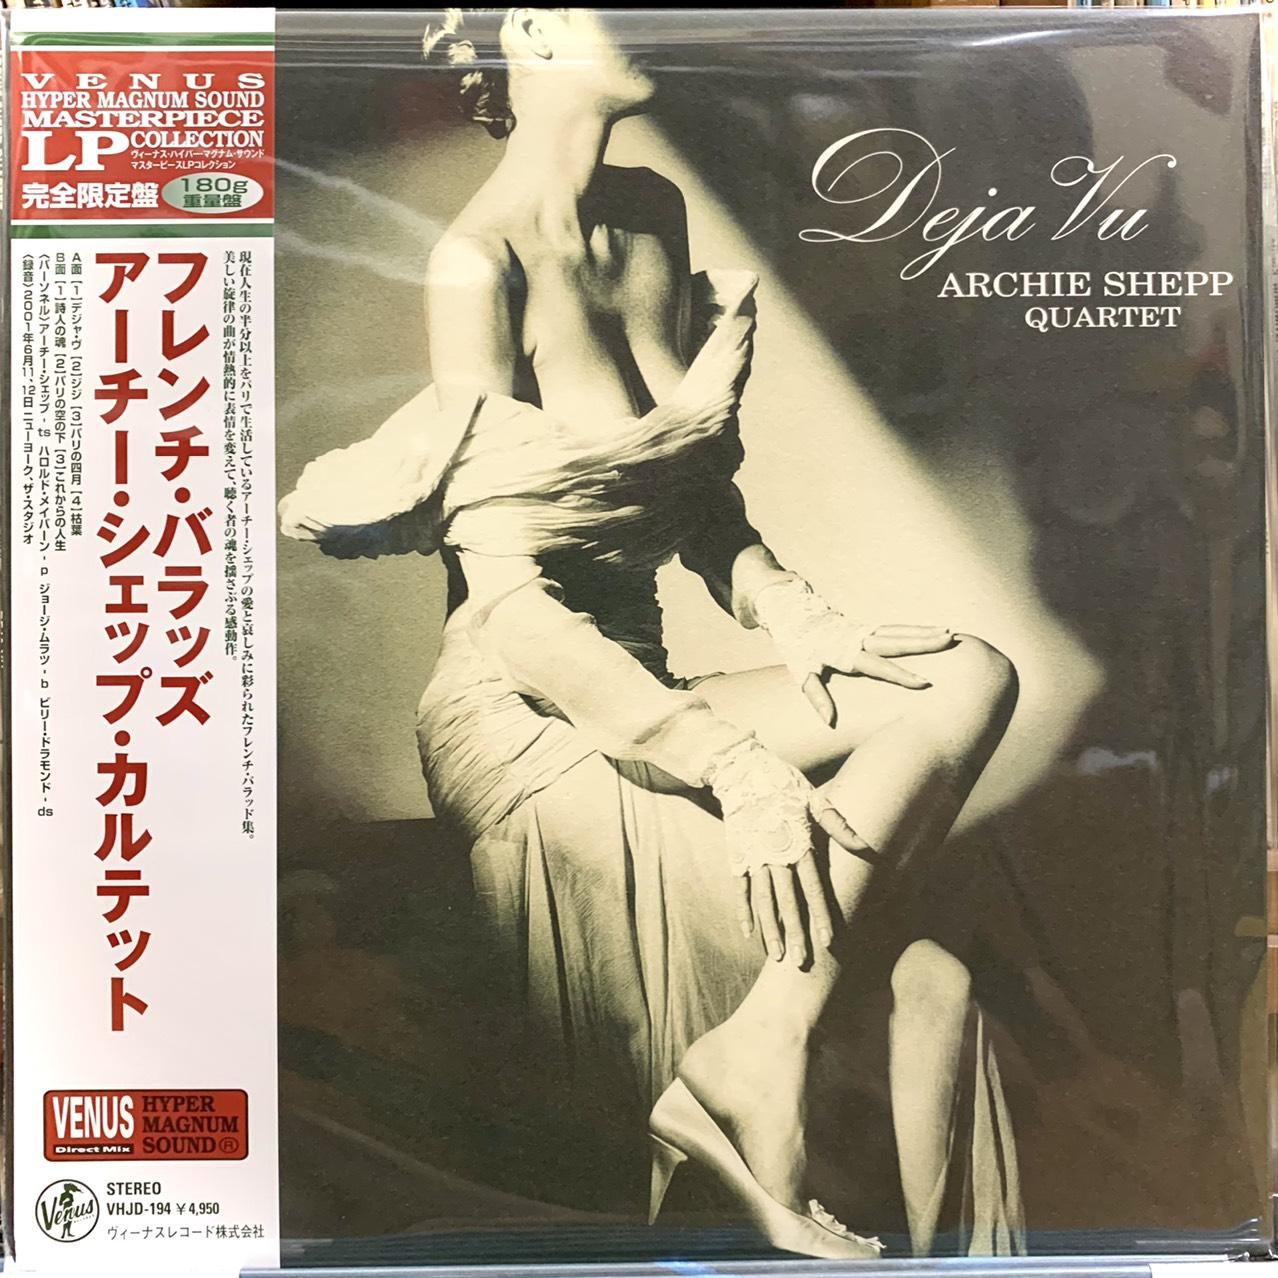 dia-than-vinyl-archie-shepp-quartet-deja-vu